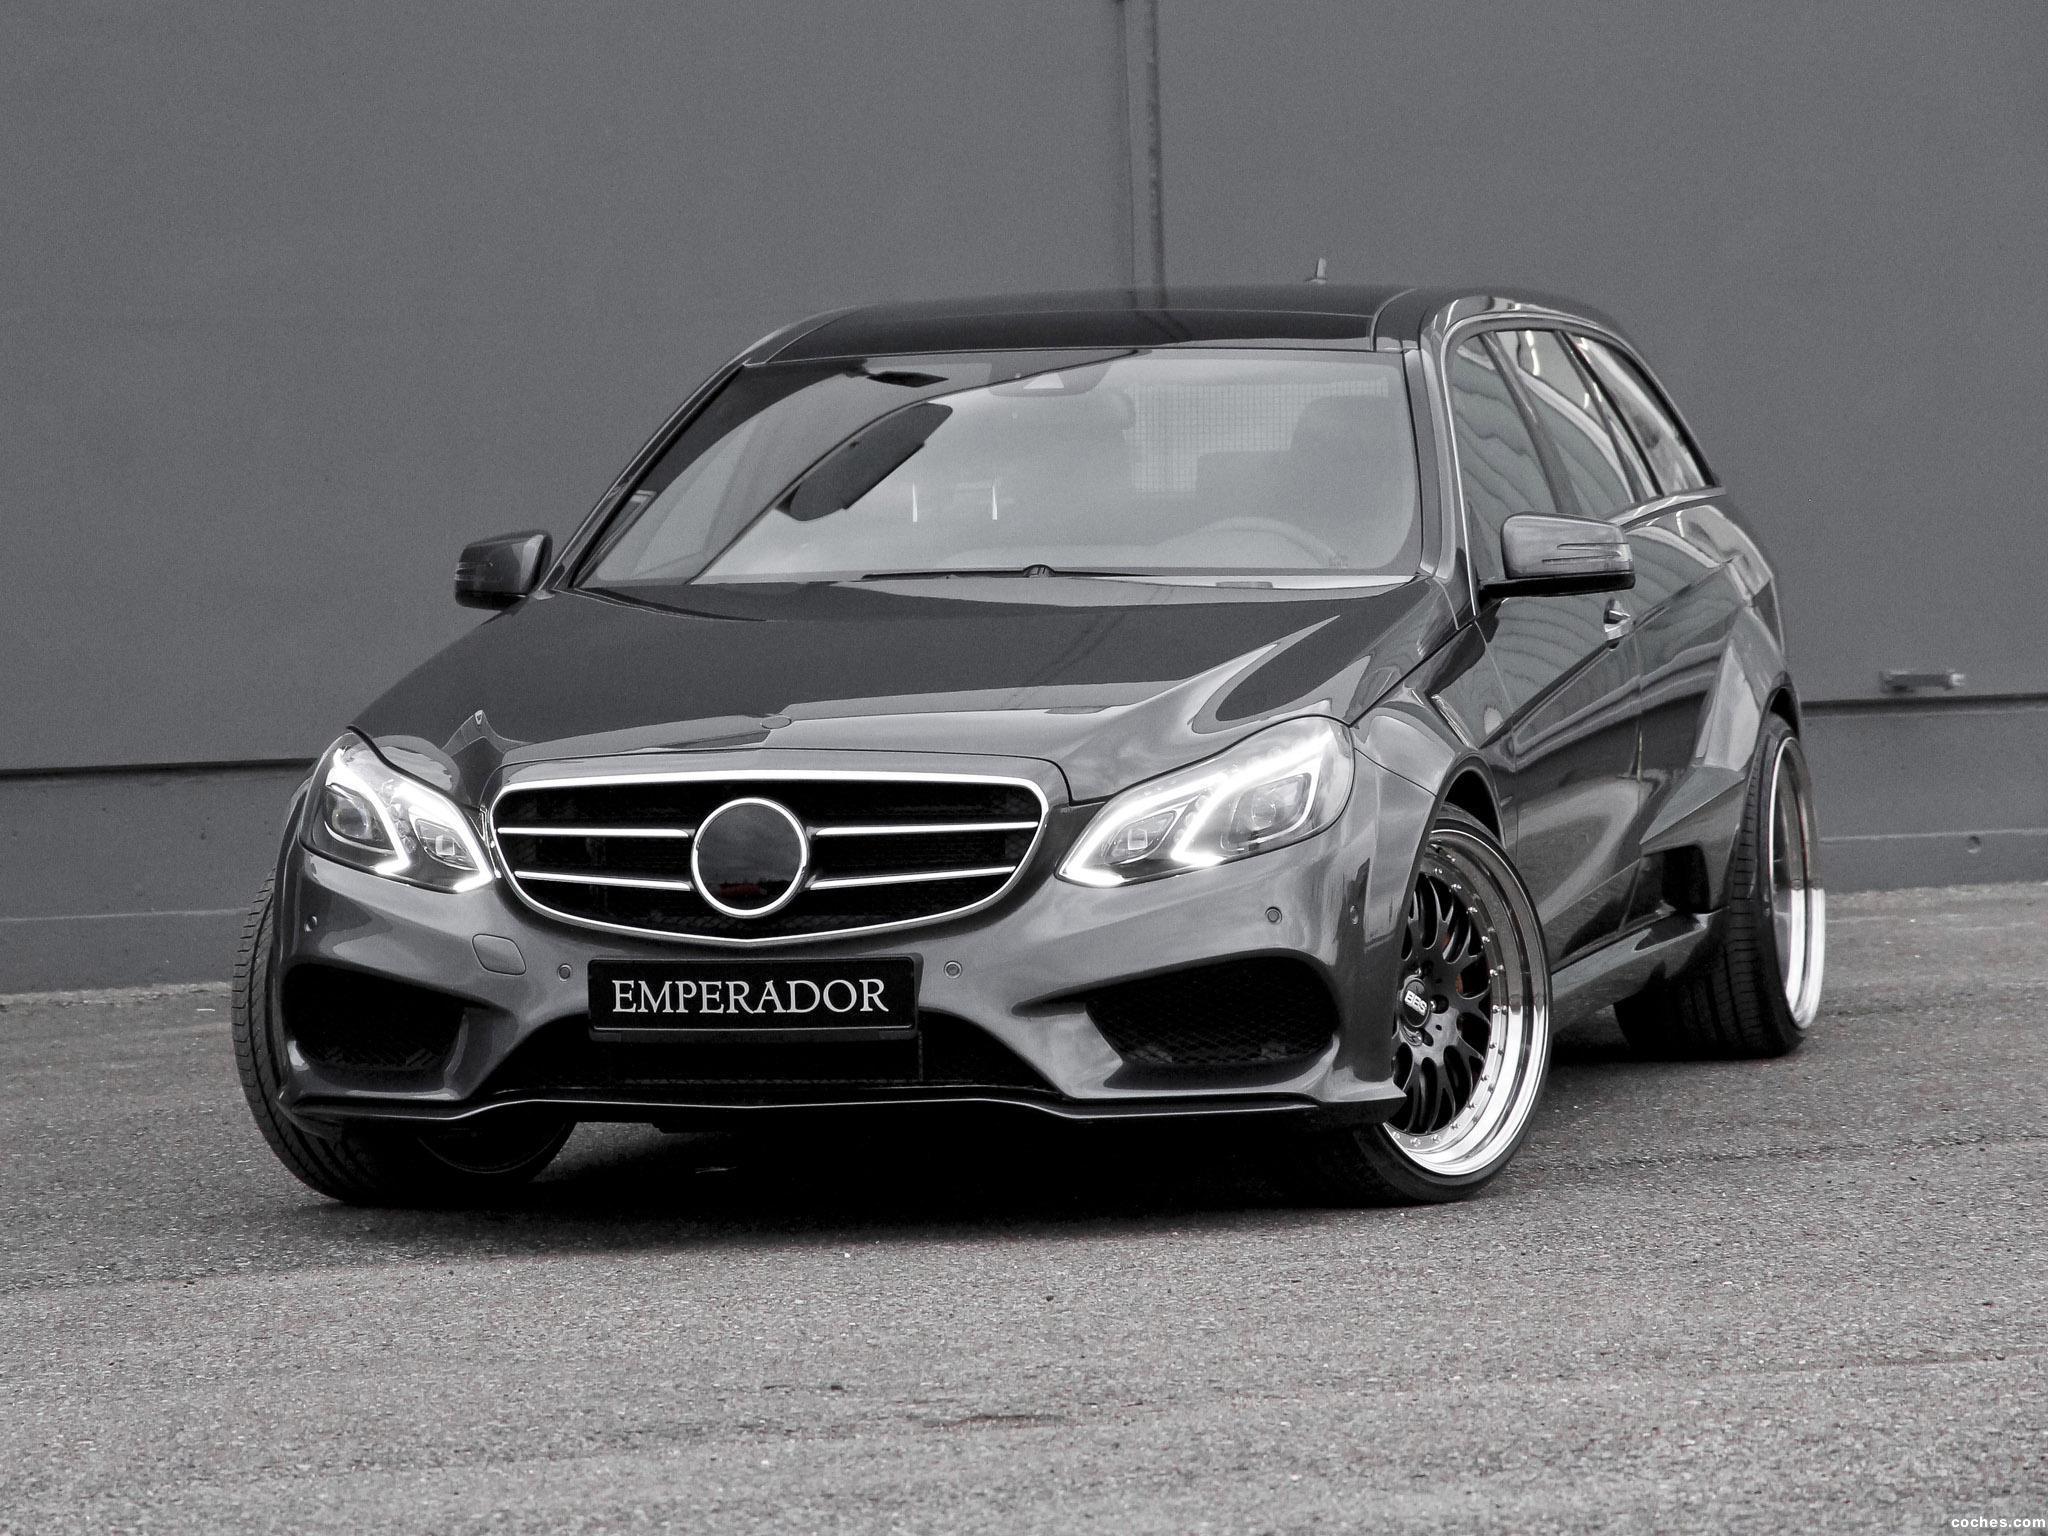 Foto 3 de Binz Mercedes Clase E Emperador S212 2013